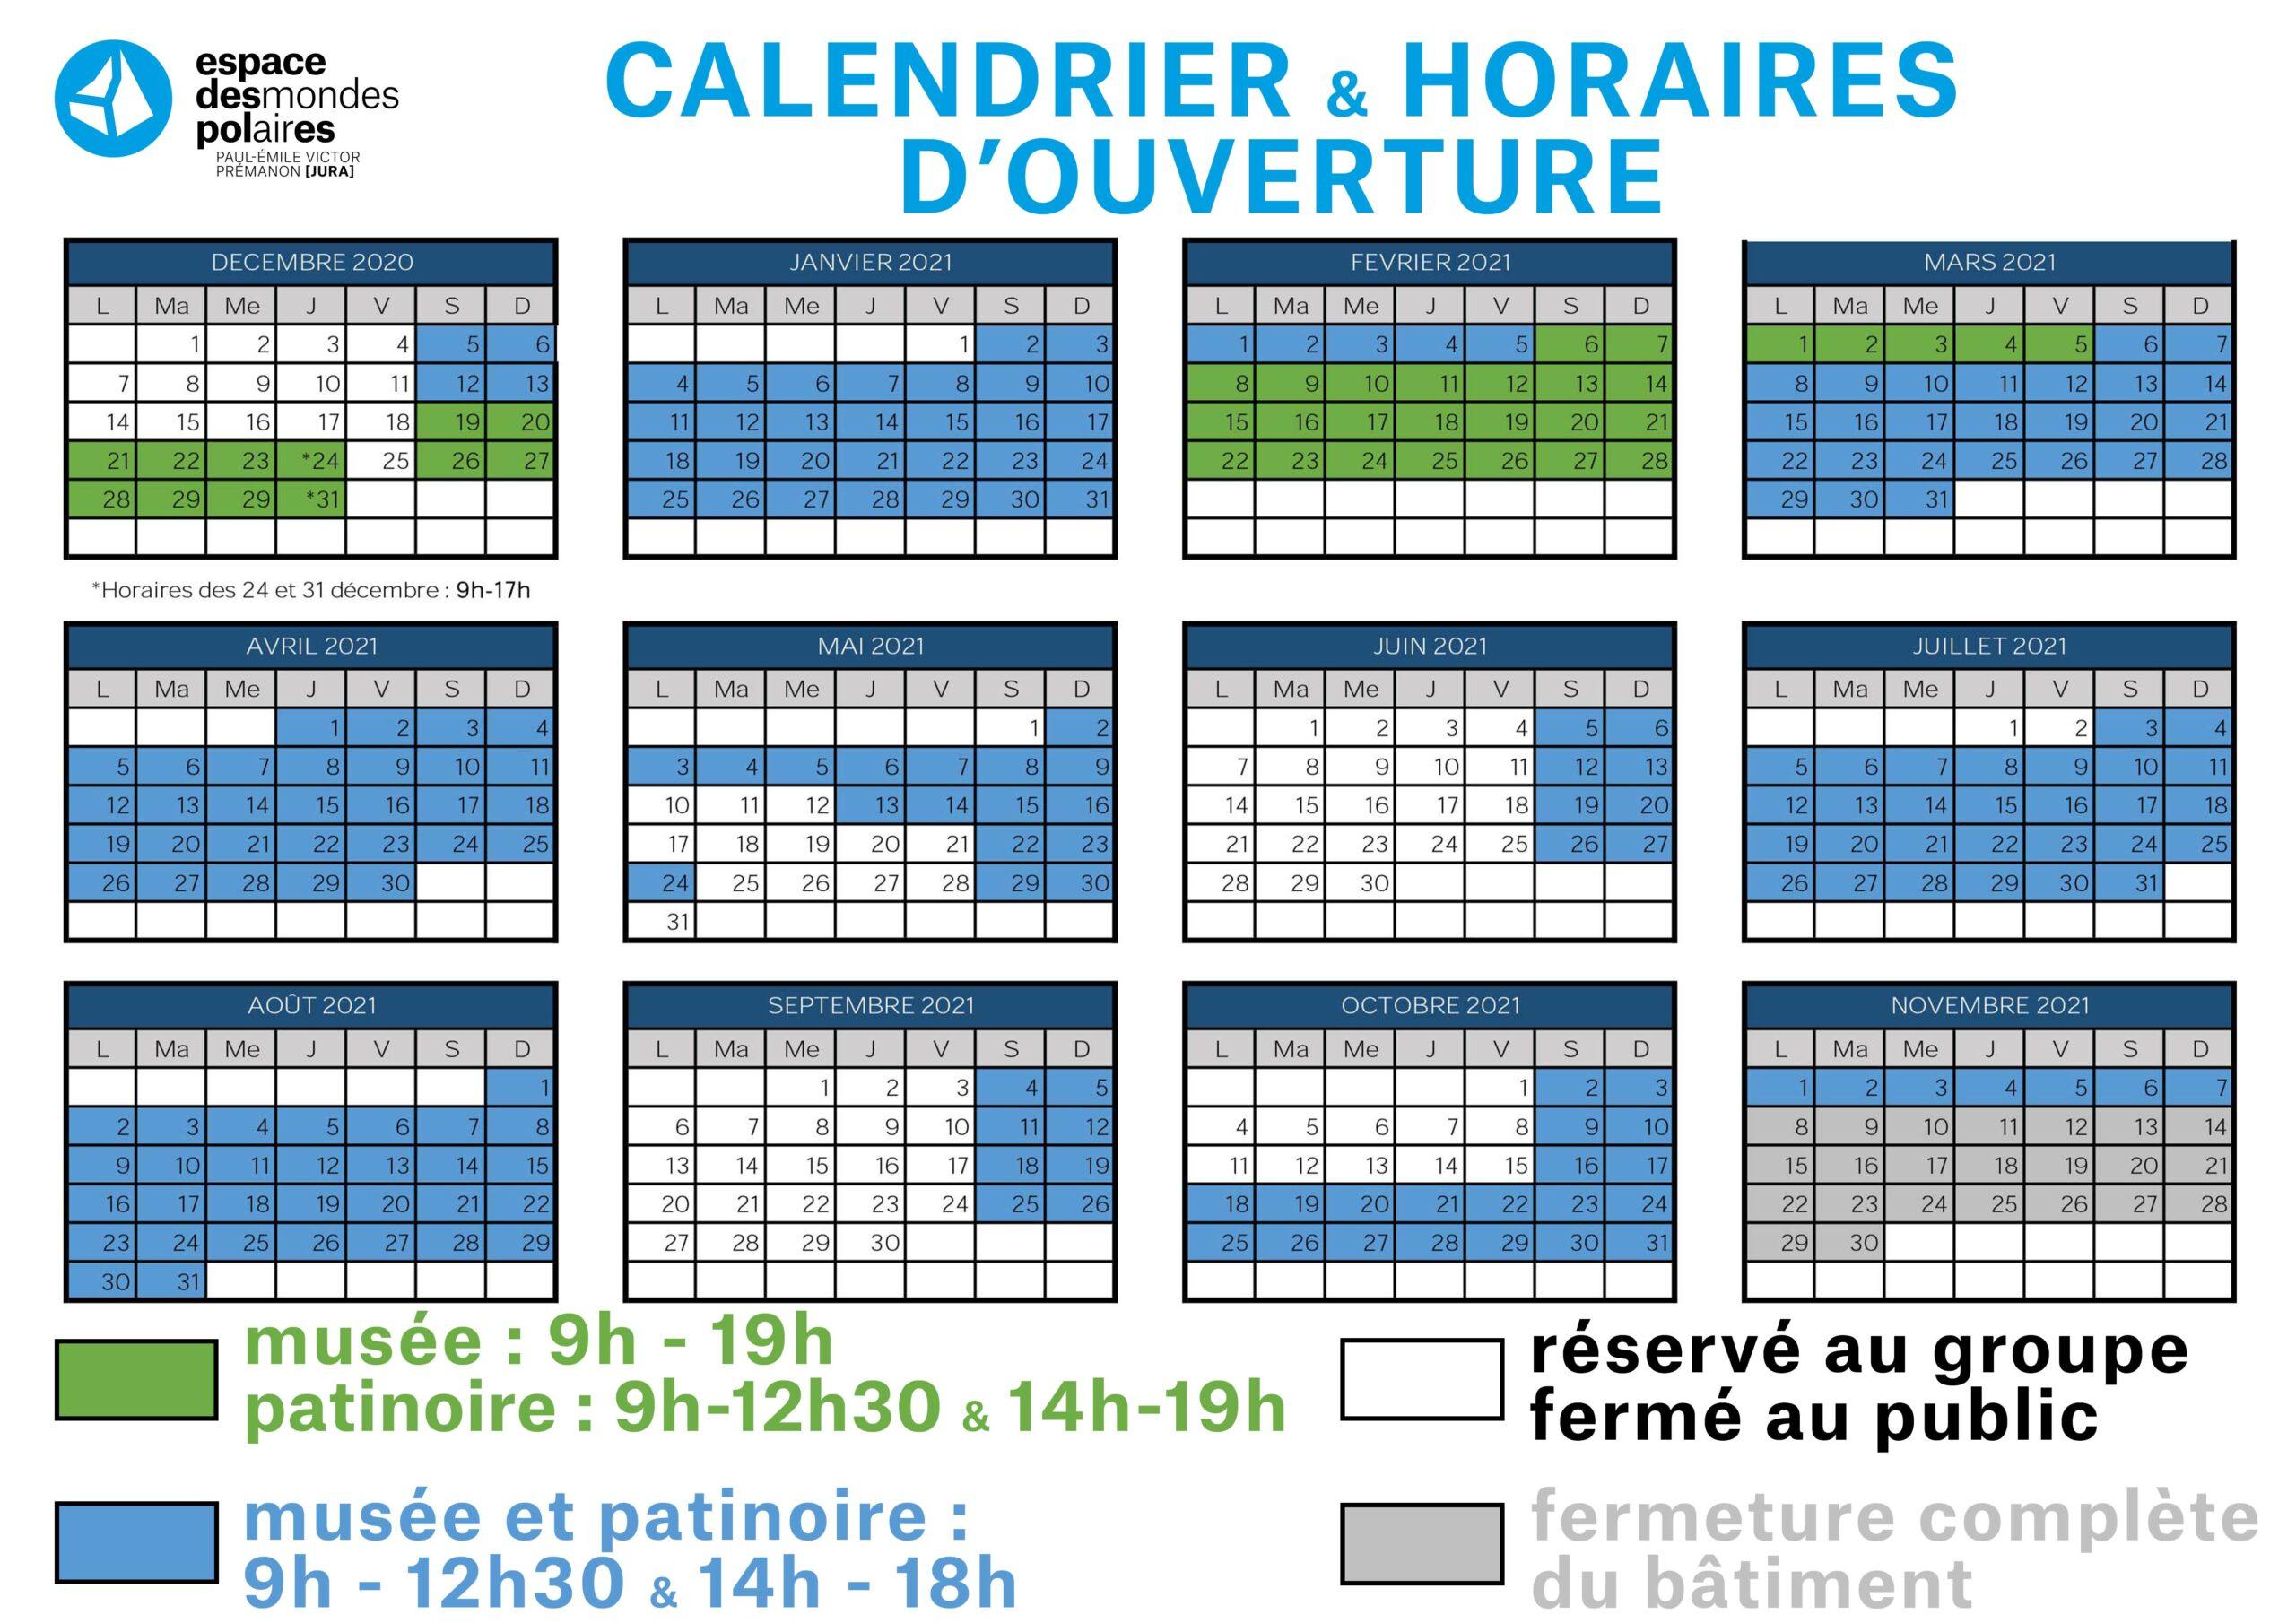 Calendrier et horaires d'ouverture de l'Espace des Mondes Polaires